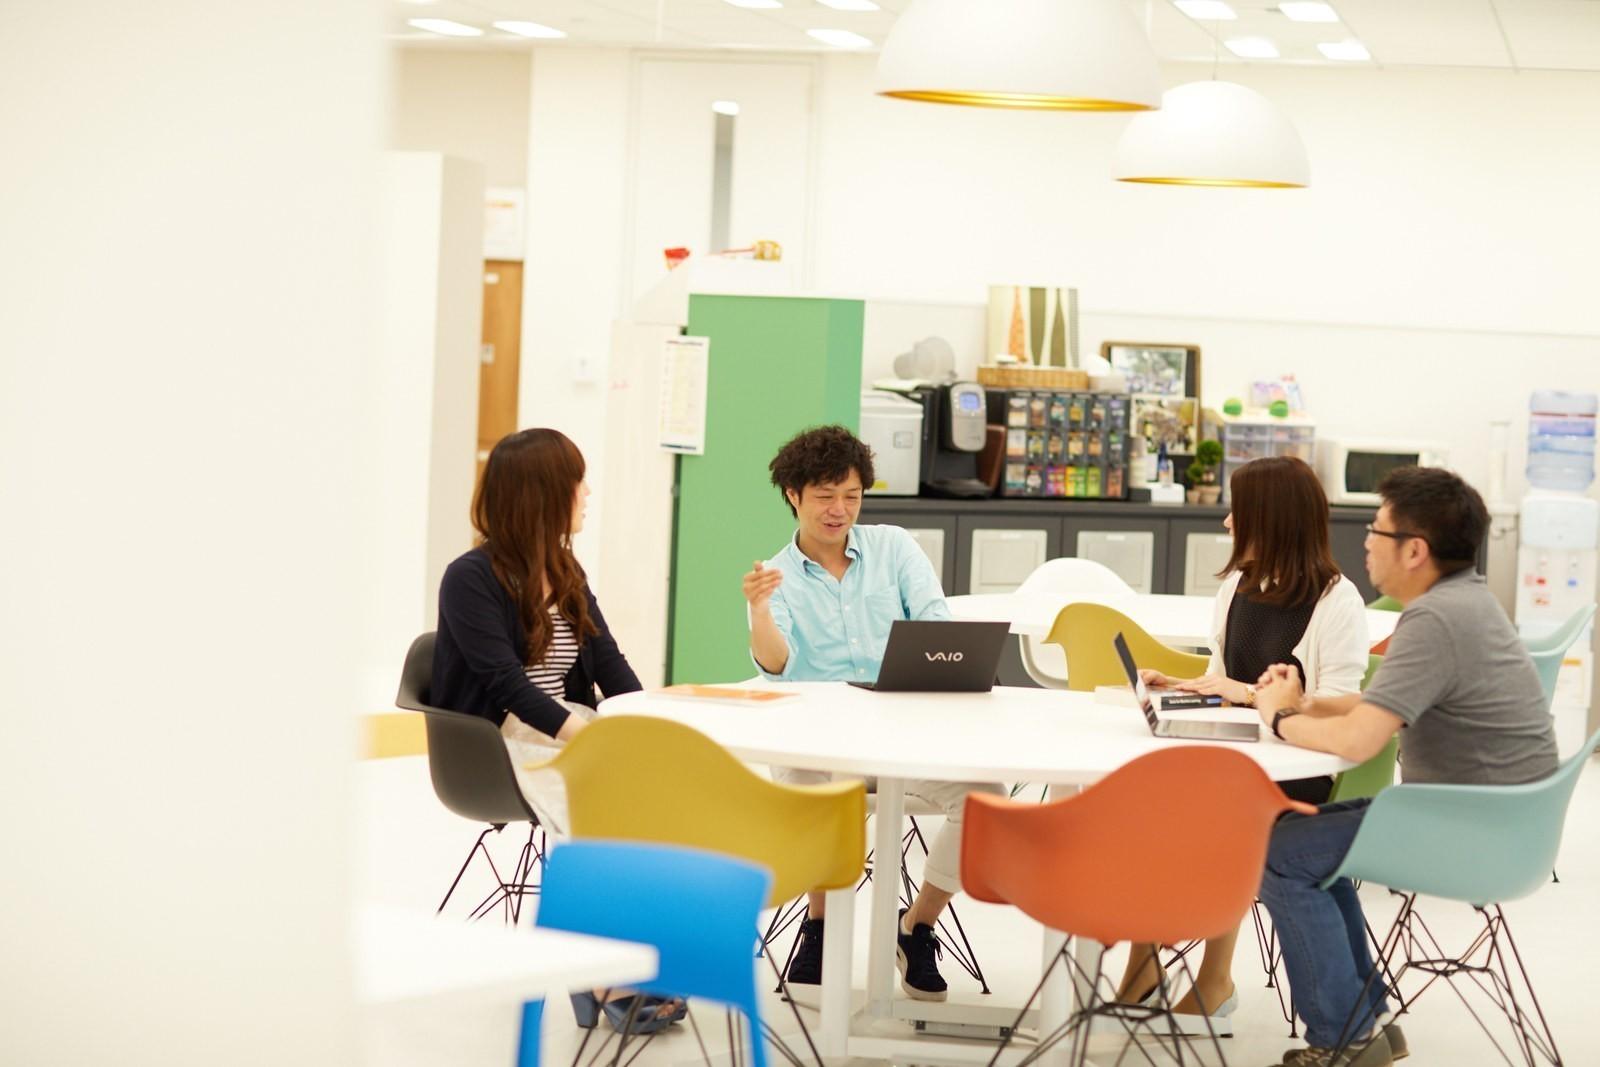 中小企業の経理業務を「楽!」にする3年連続150%成長の『楽楽明細』で、Javaエンジニアを募集!